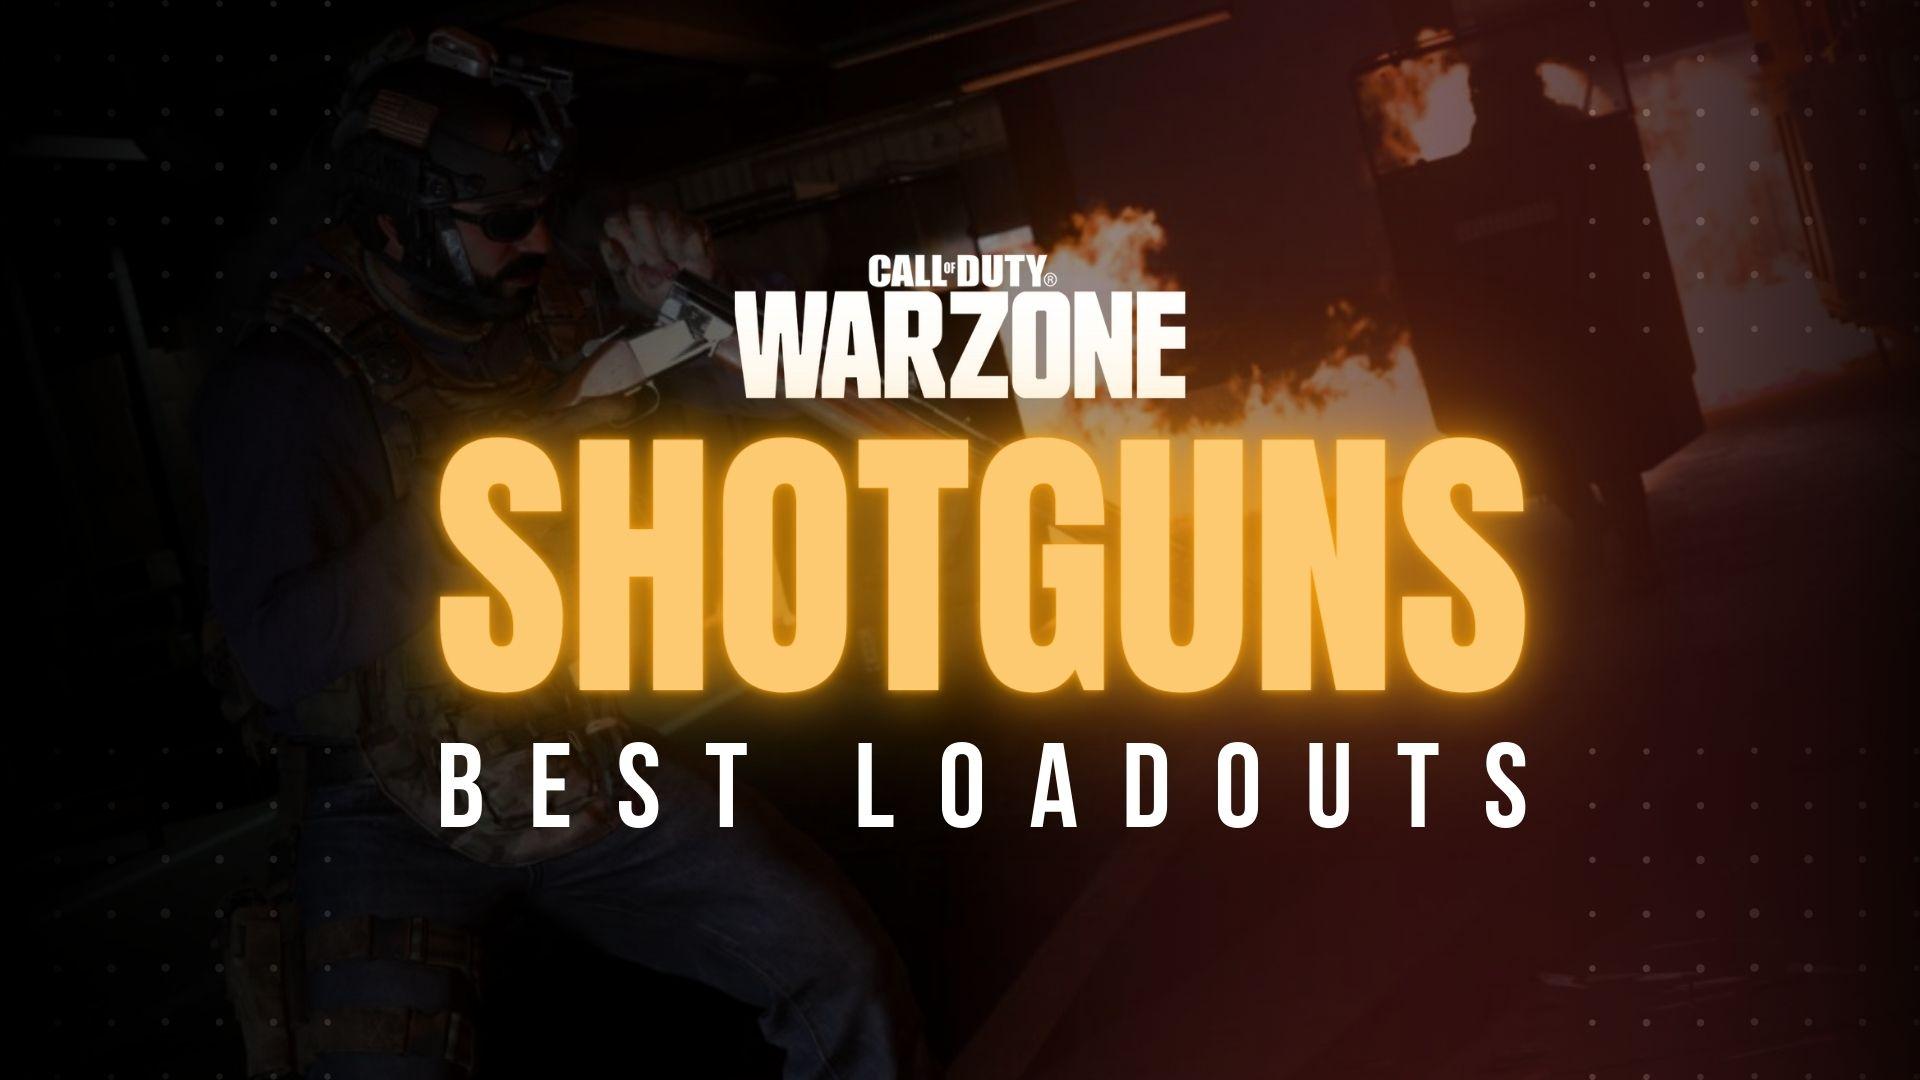 best shotgun loadouts in warzone